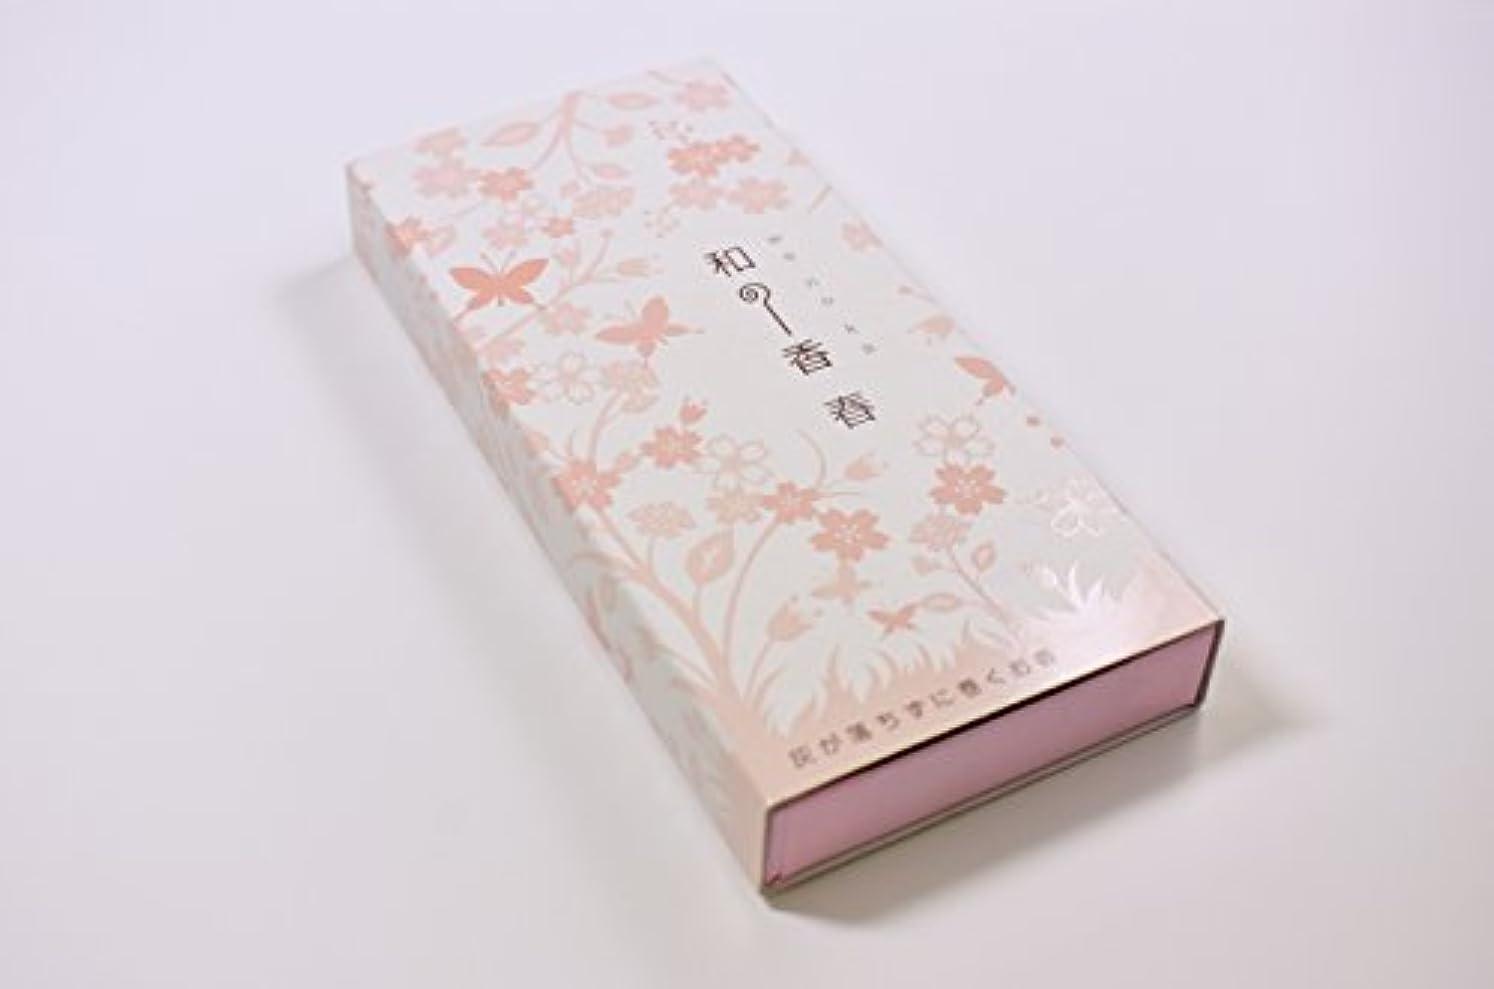 注意役に立つルー流川香(Ryusenko) ピンク お香長さ14cm